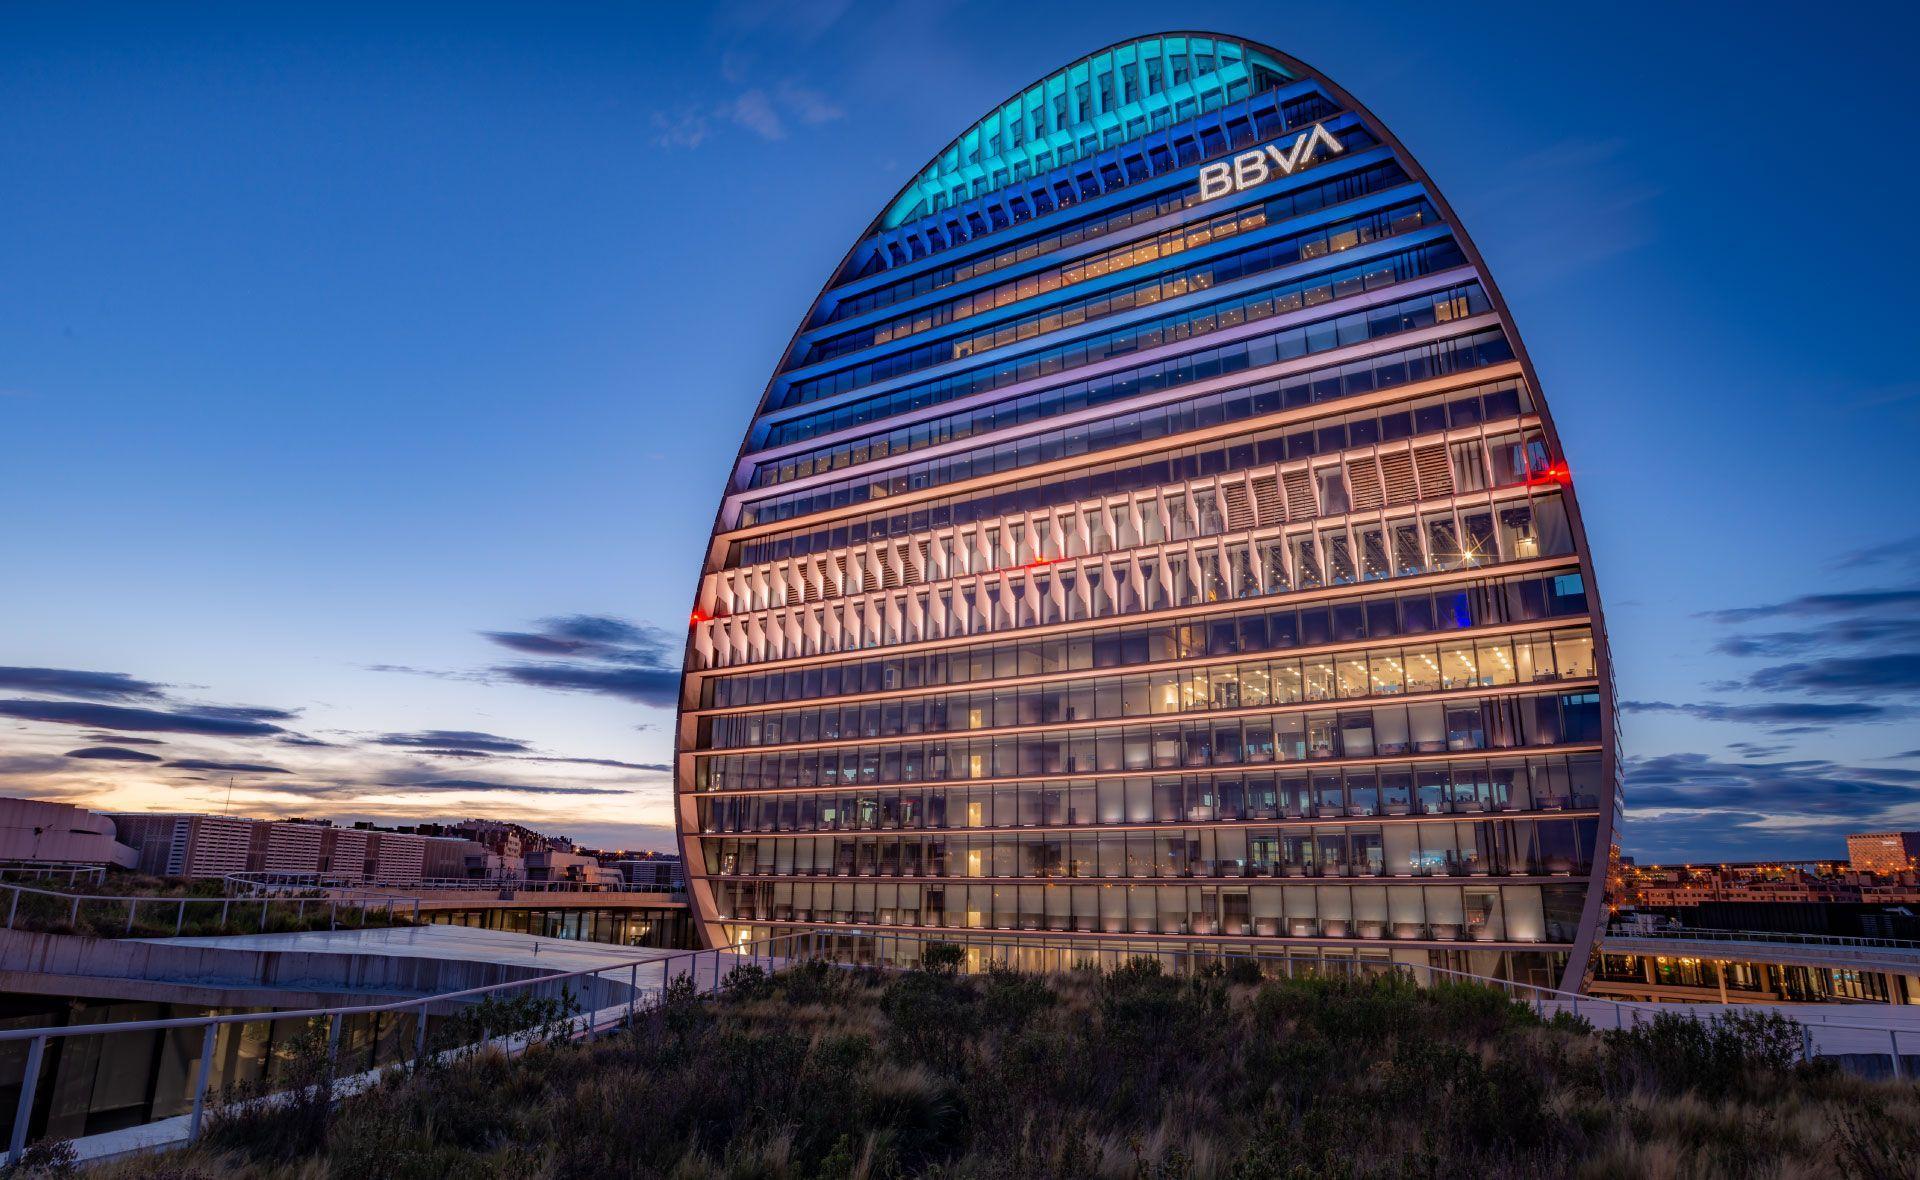 BBVA duplica resultado de los tres primeros meses y gana €636 millones en el segundo trimestre